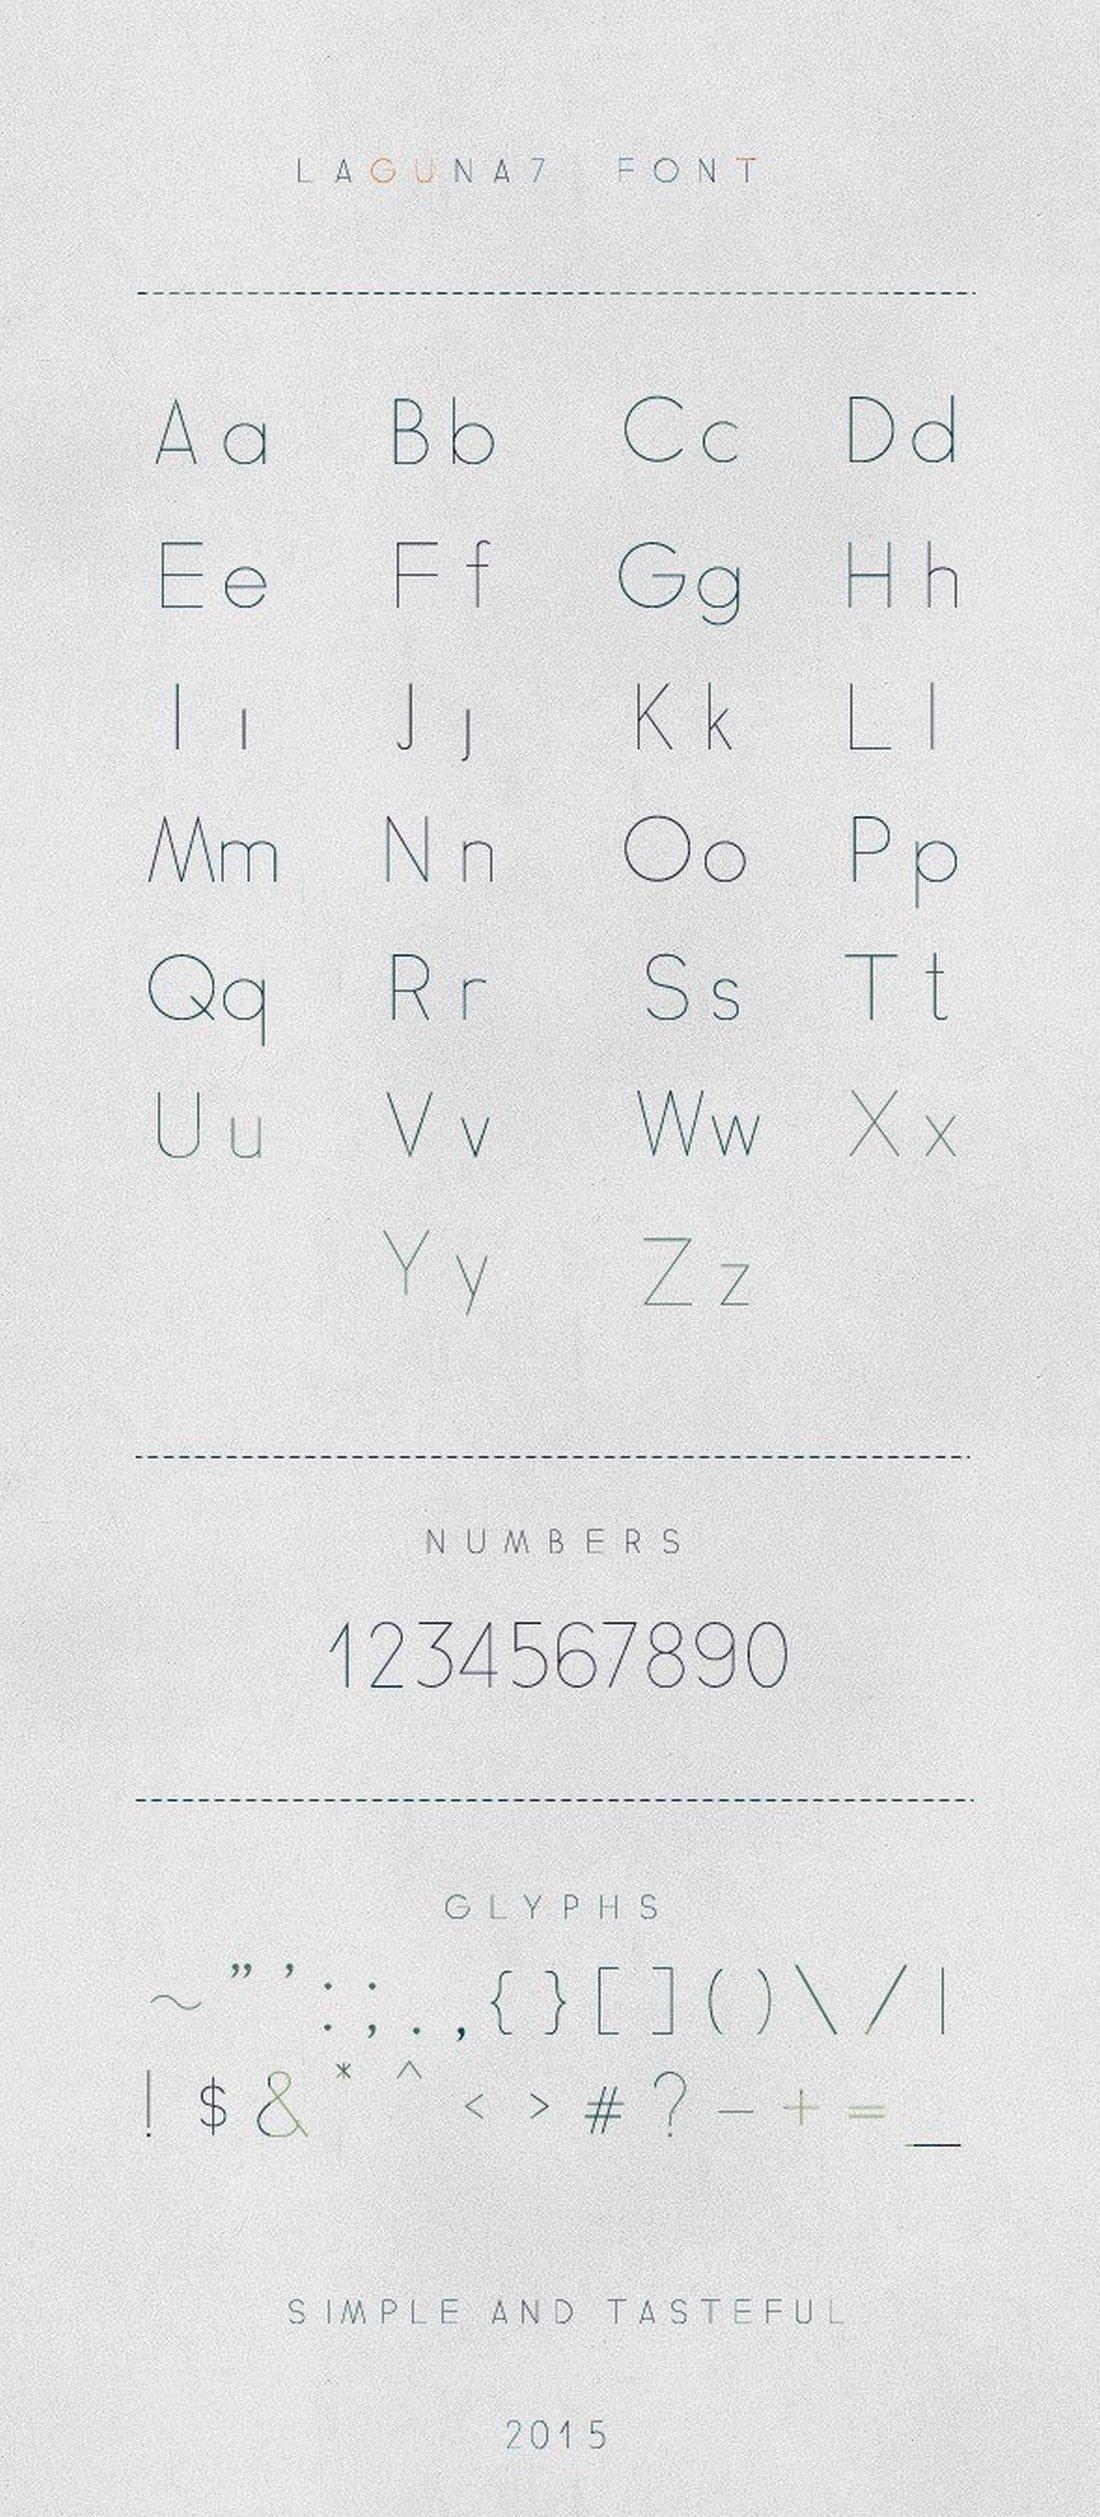 Laguna7 - Modern Font